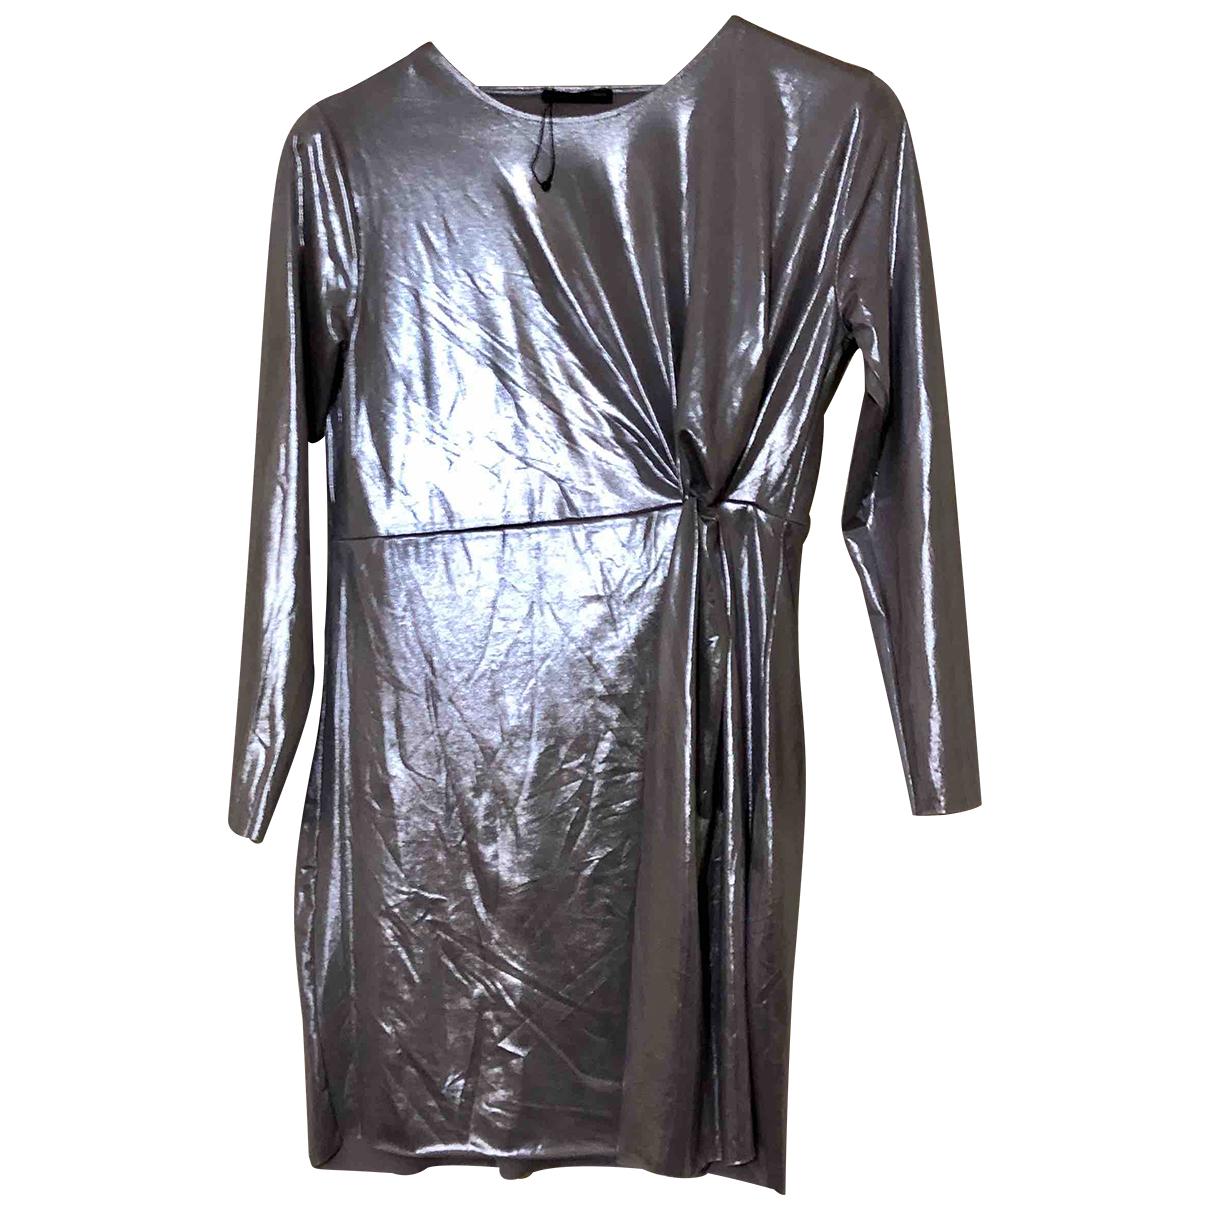 Zara \N Kleid in  Grau Polyester